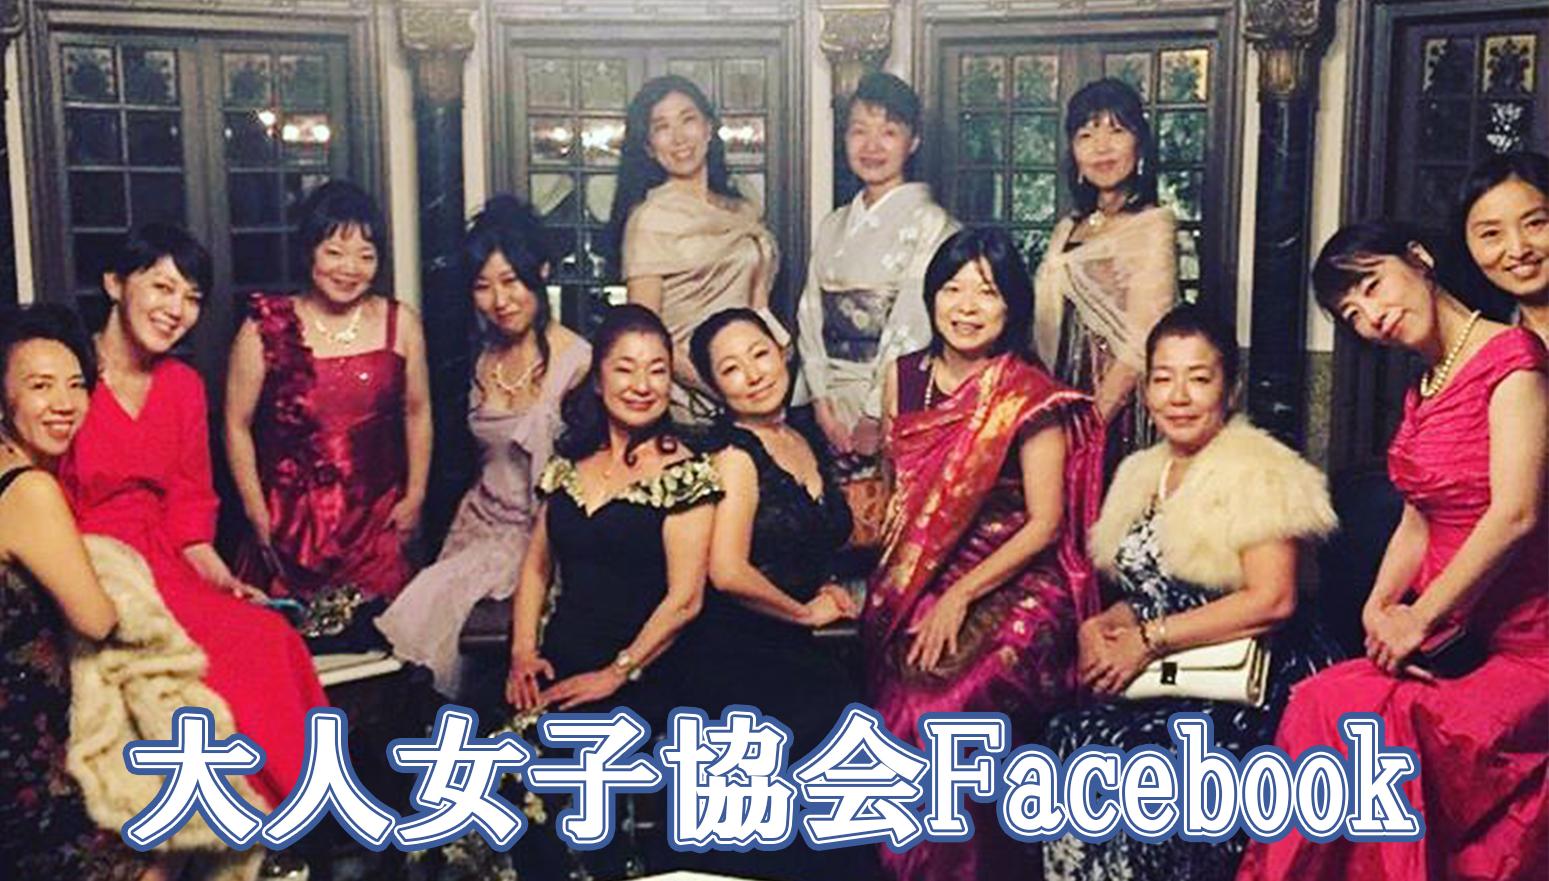 大人女子協会Facebook